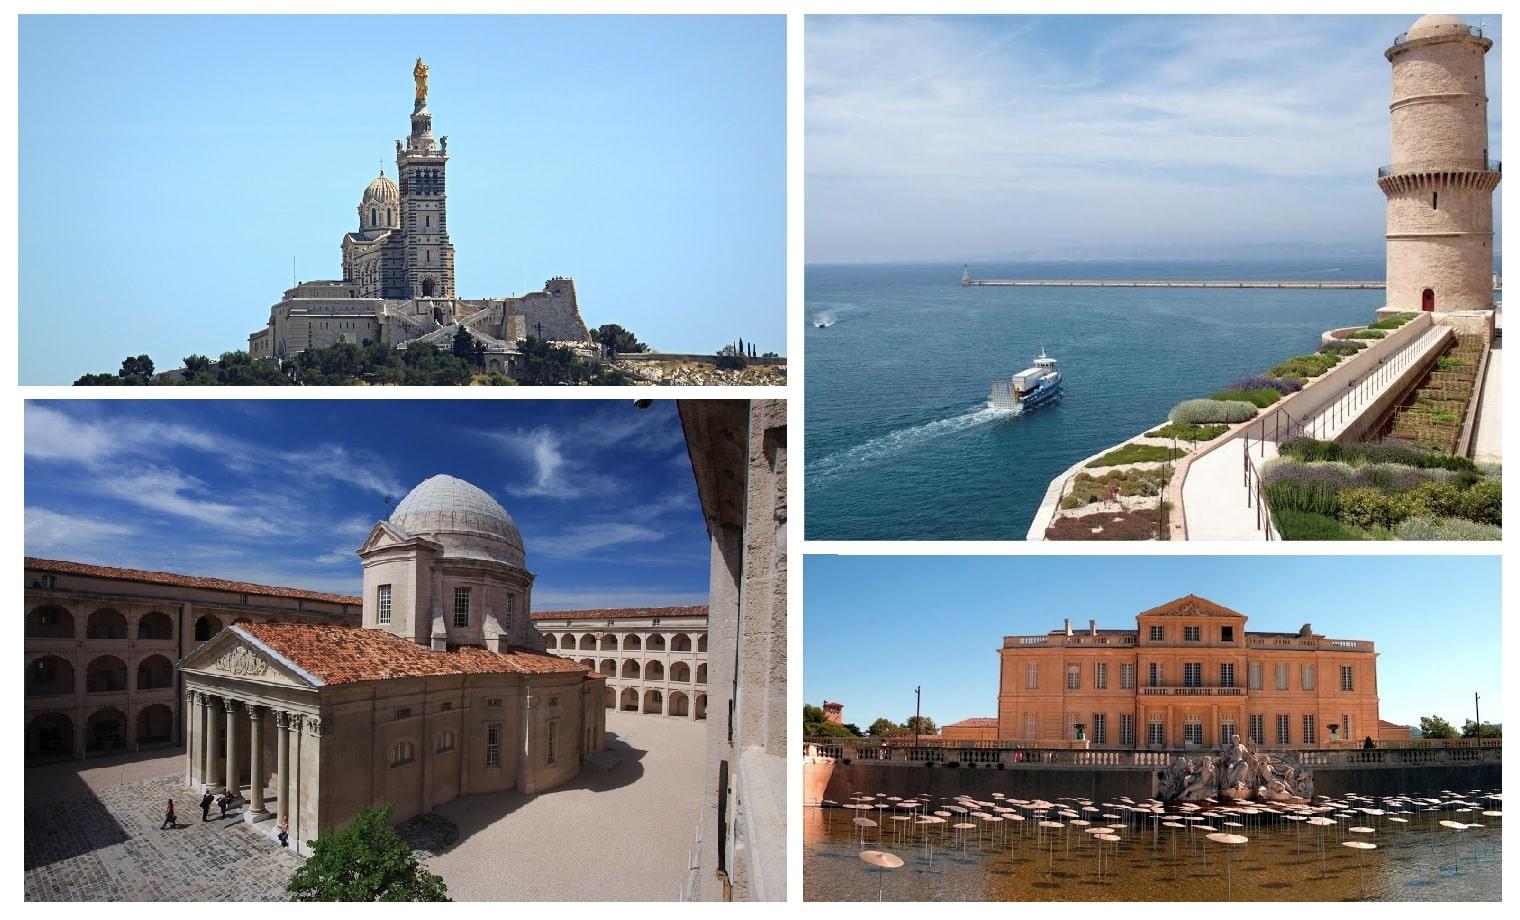 printemps, Profitez de Marseille au printemps, avec le beau temps et sans les touristes, Made in Marseille